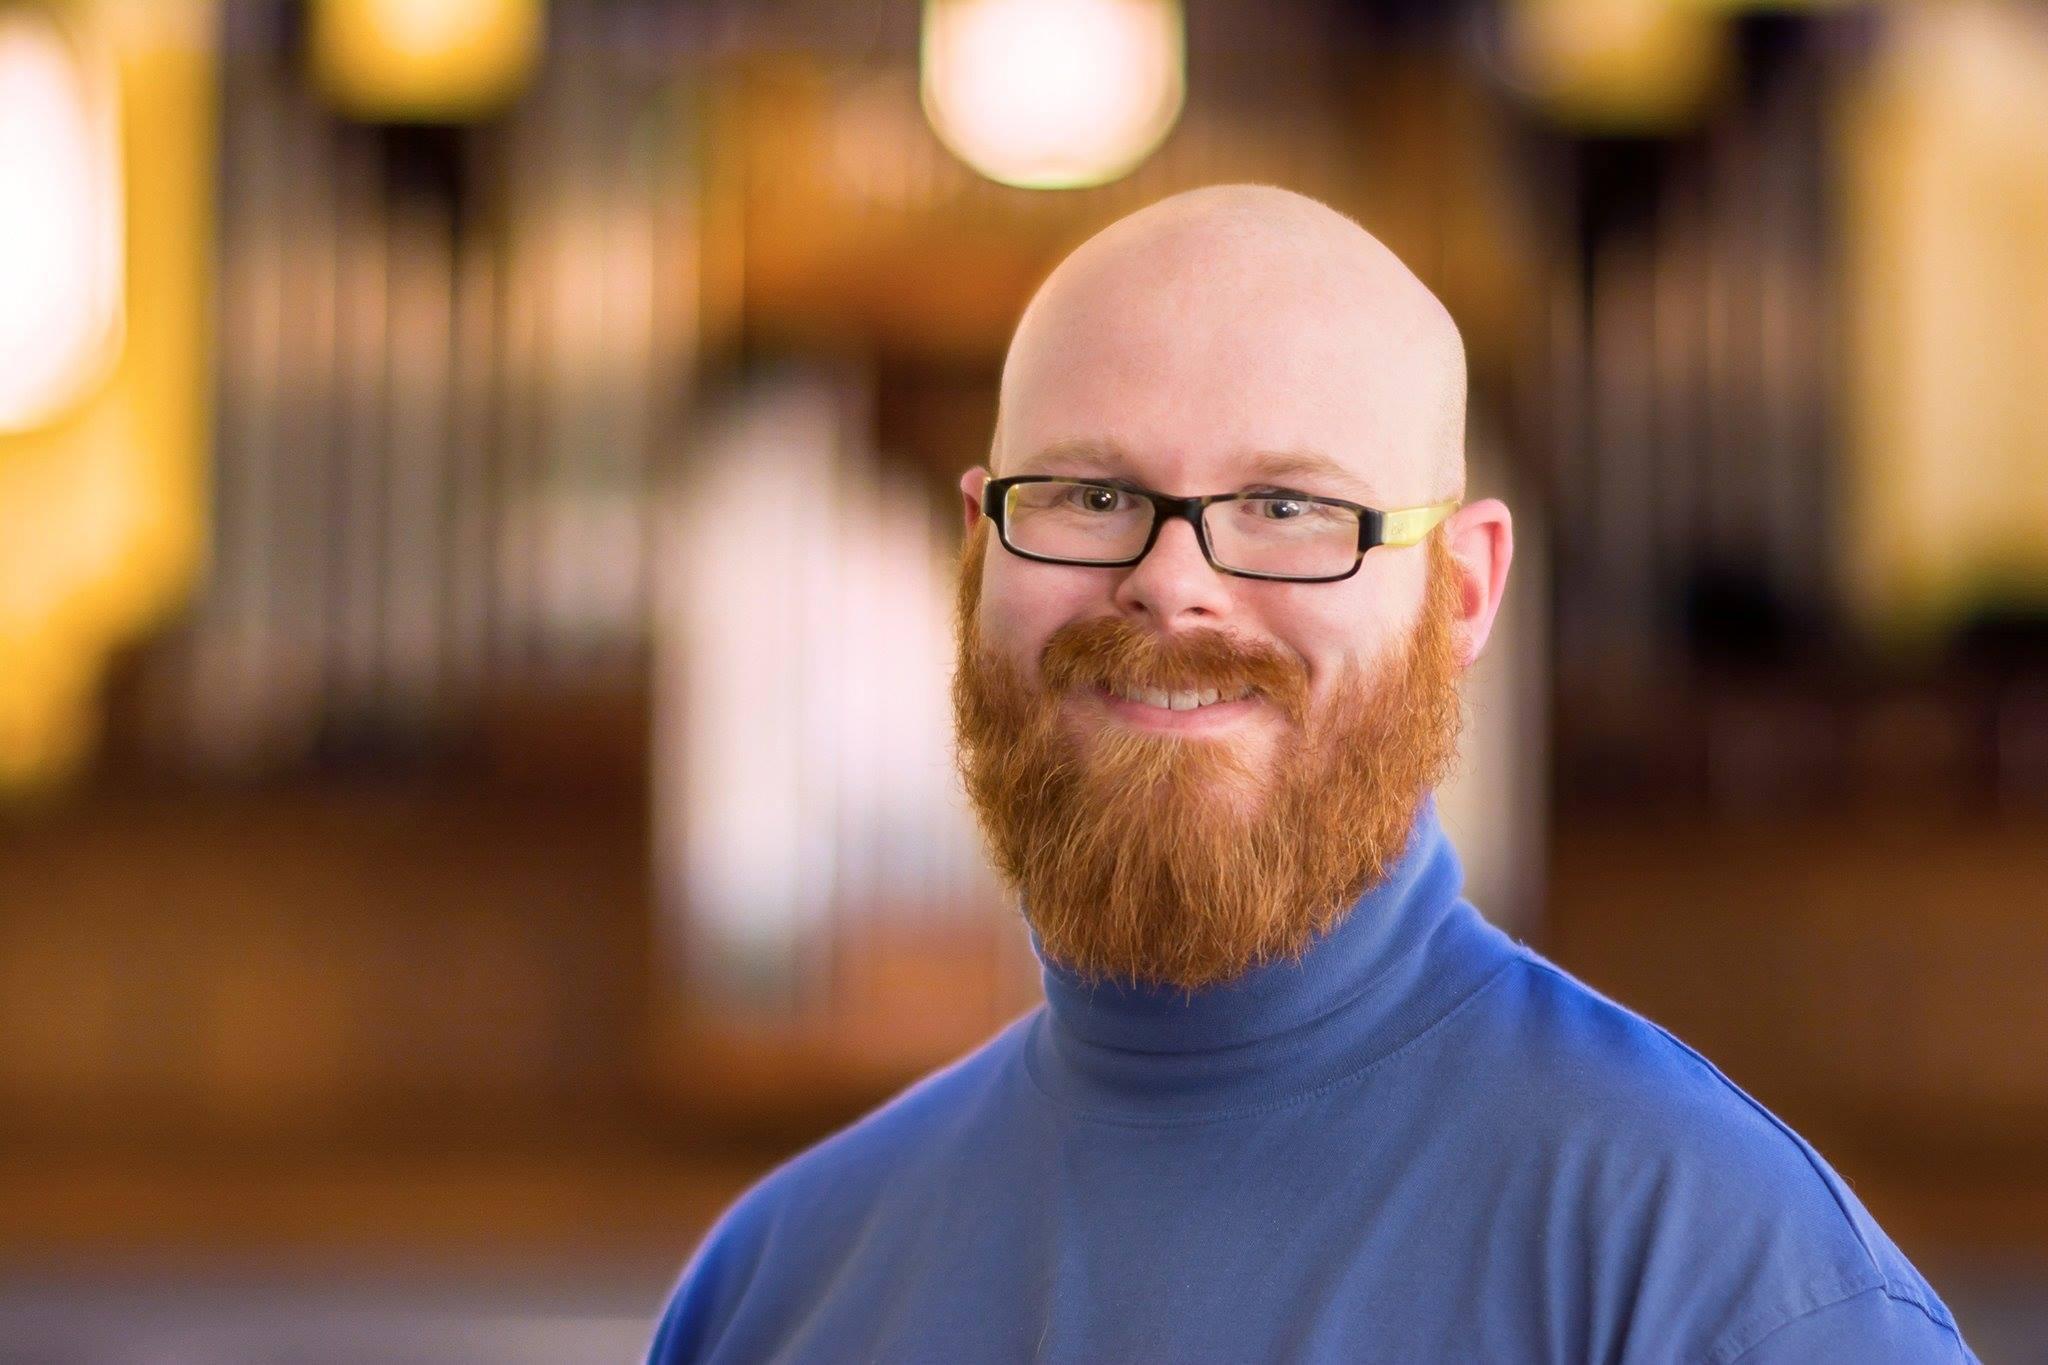 BCCV Artistic Director, Nicholas Klemetson